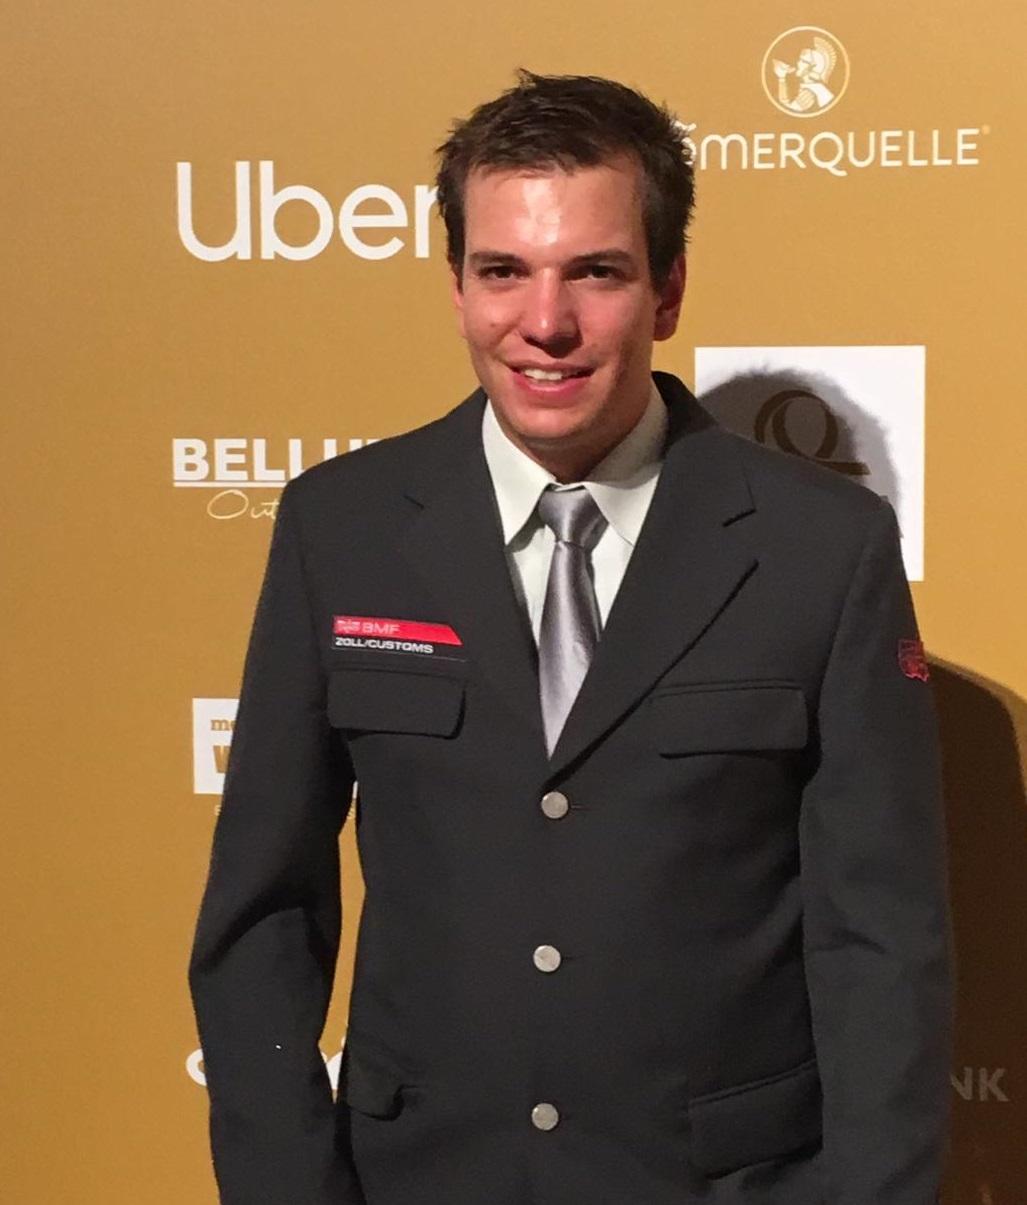 (Deutsch) Salcher Dritter bei Wahl zum Sportler des Jahres mit Behinderung